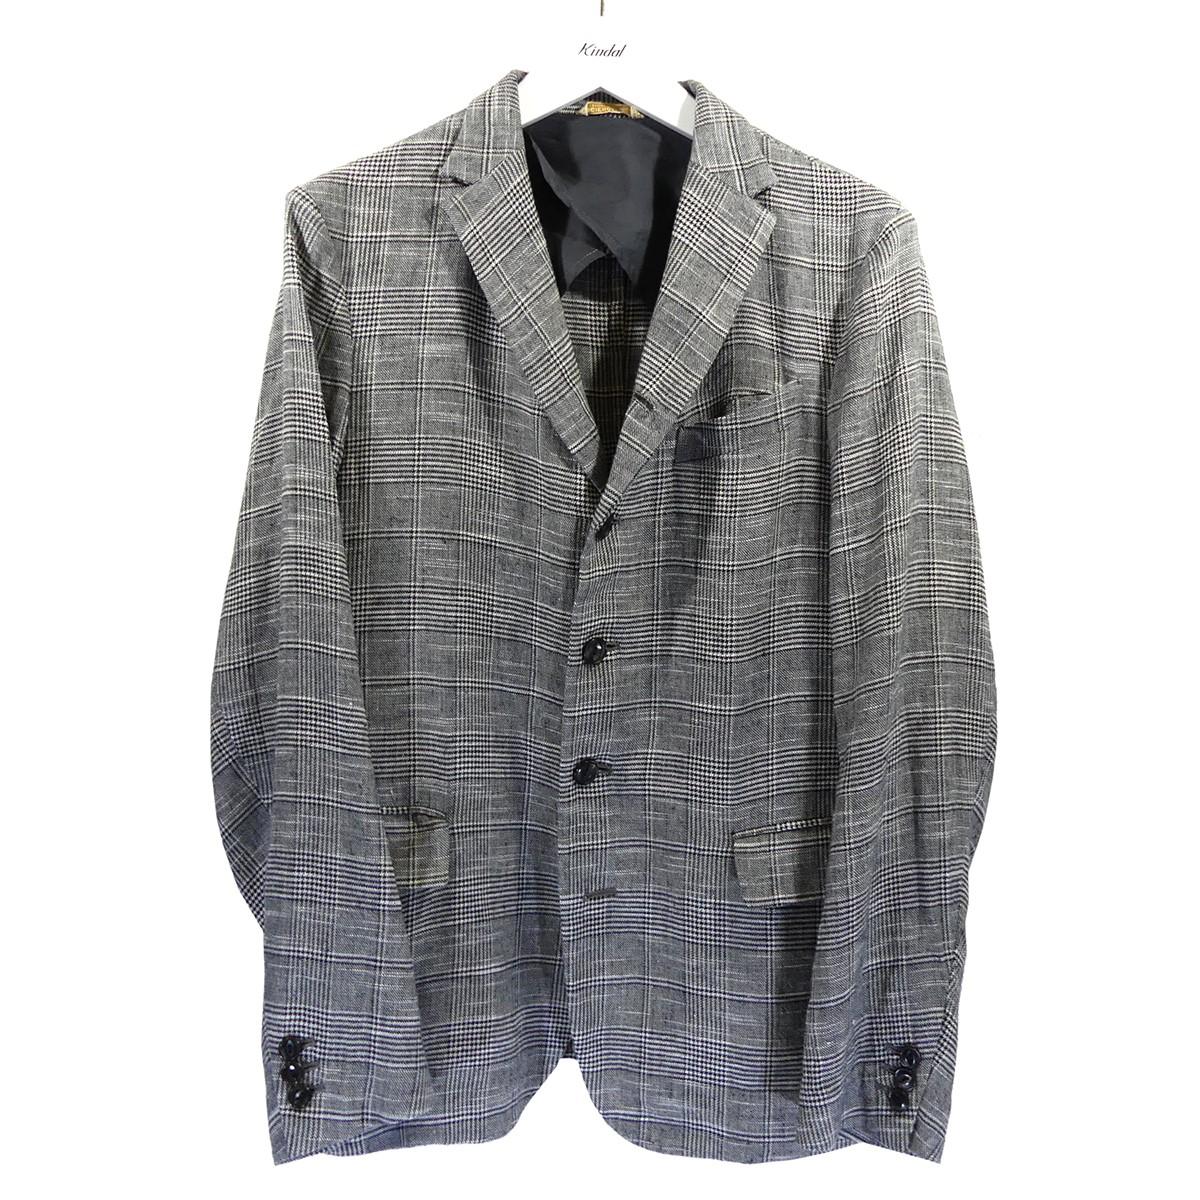 【中古】ARTS&SCIENCE リネンチェックジャケット グレー サイズ:2 【010720】(アーツアンドサイエンス)